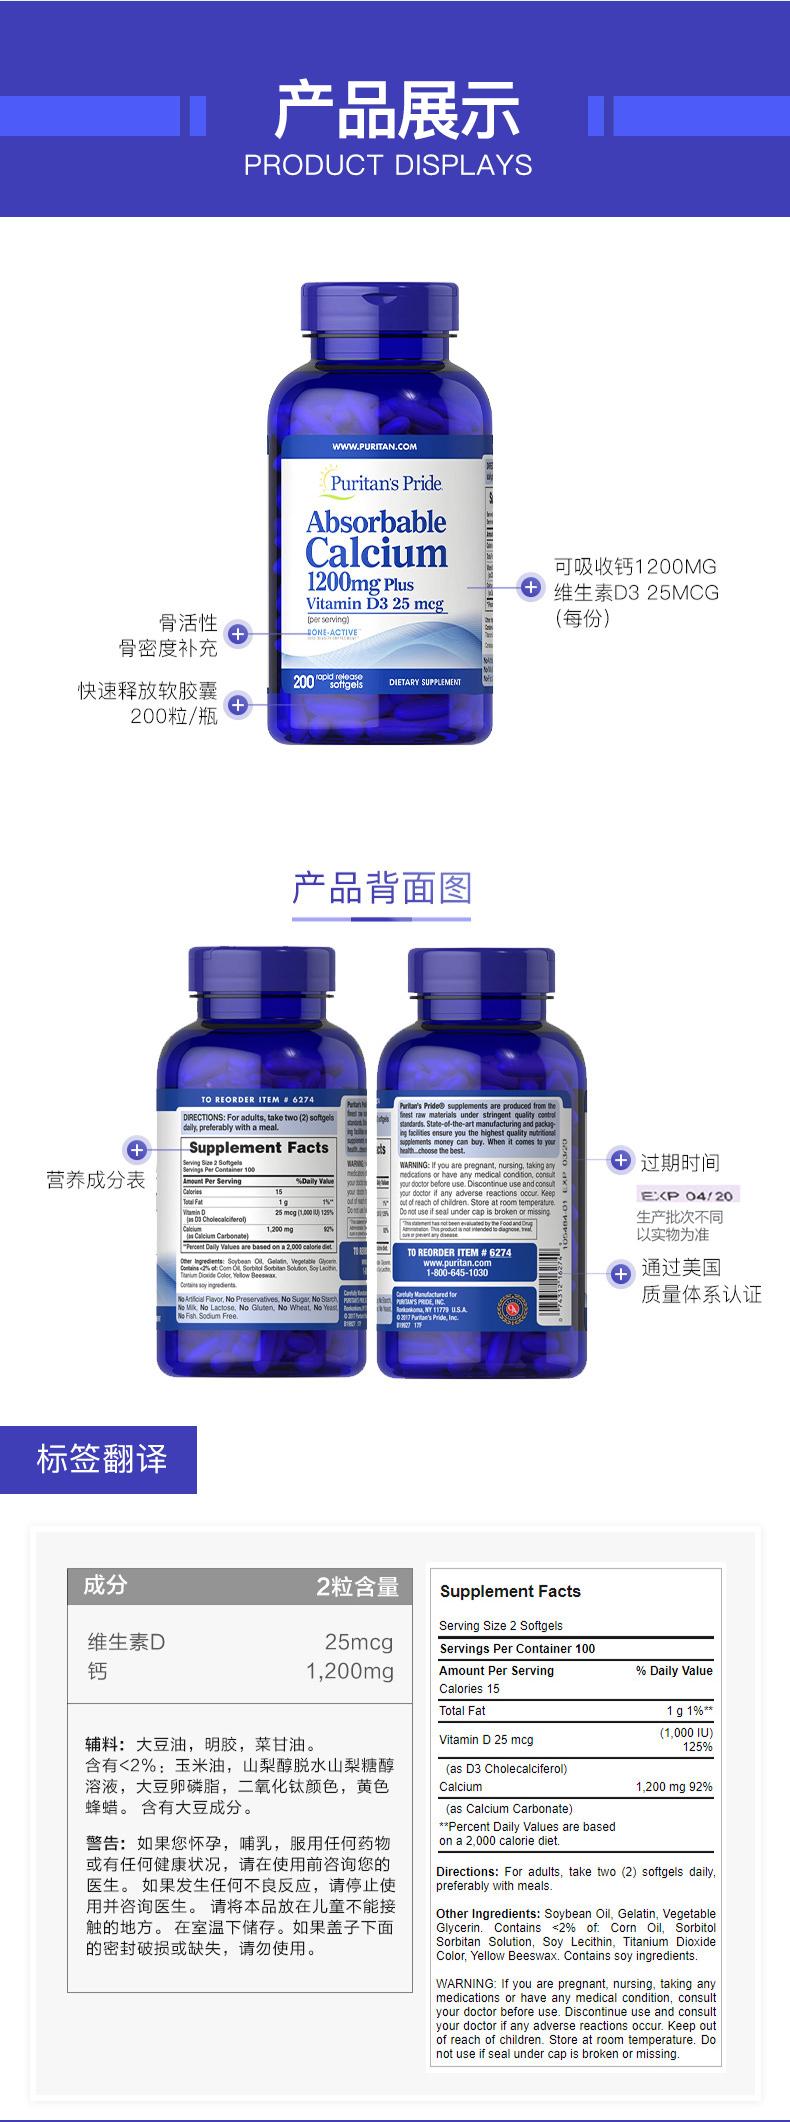 普丽普莱液体钙中老年娘娘孕妇成人补钙天猫国际正品胶囊粒详细照片